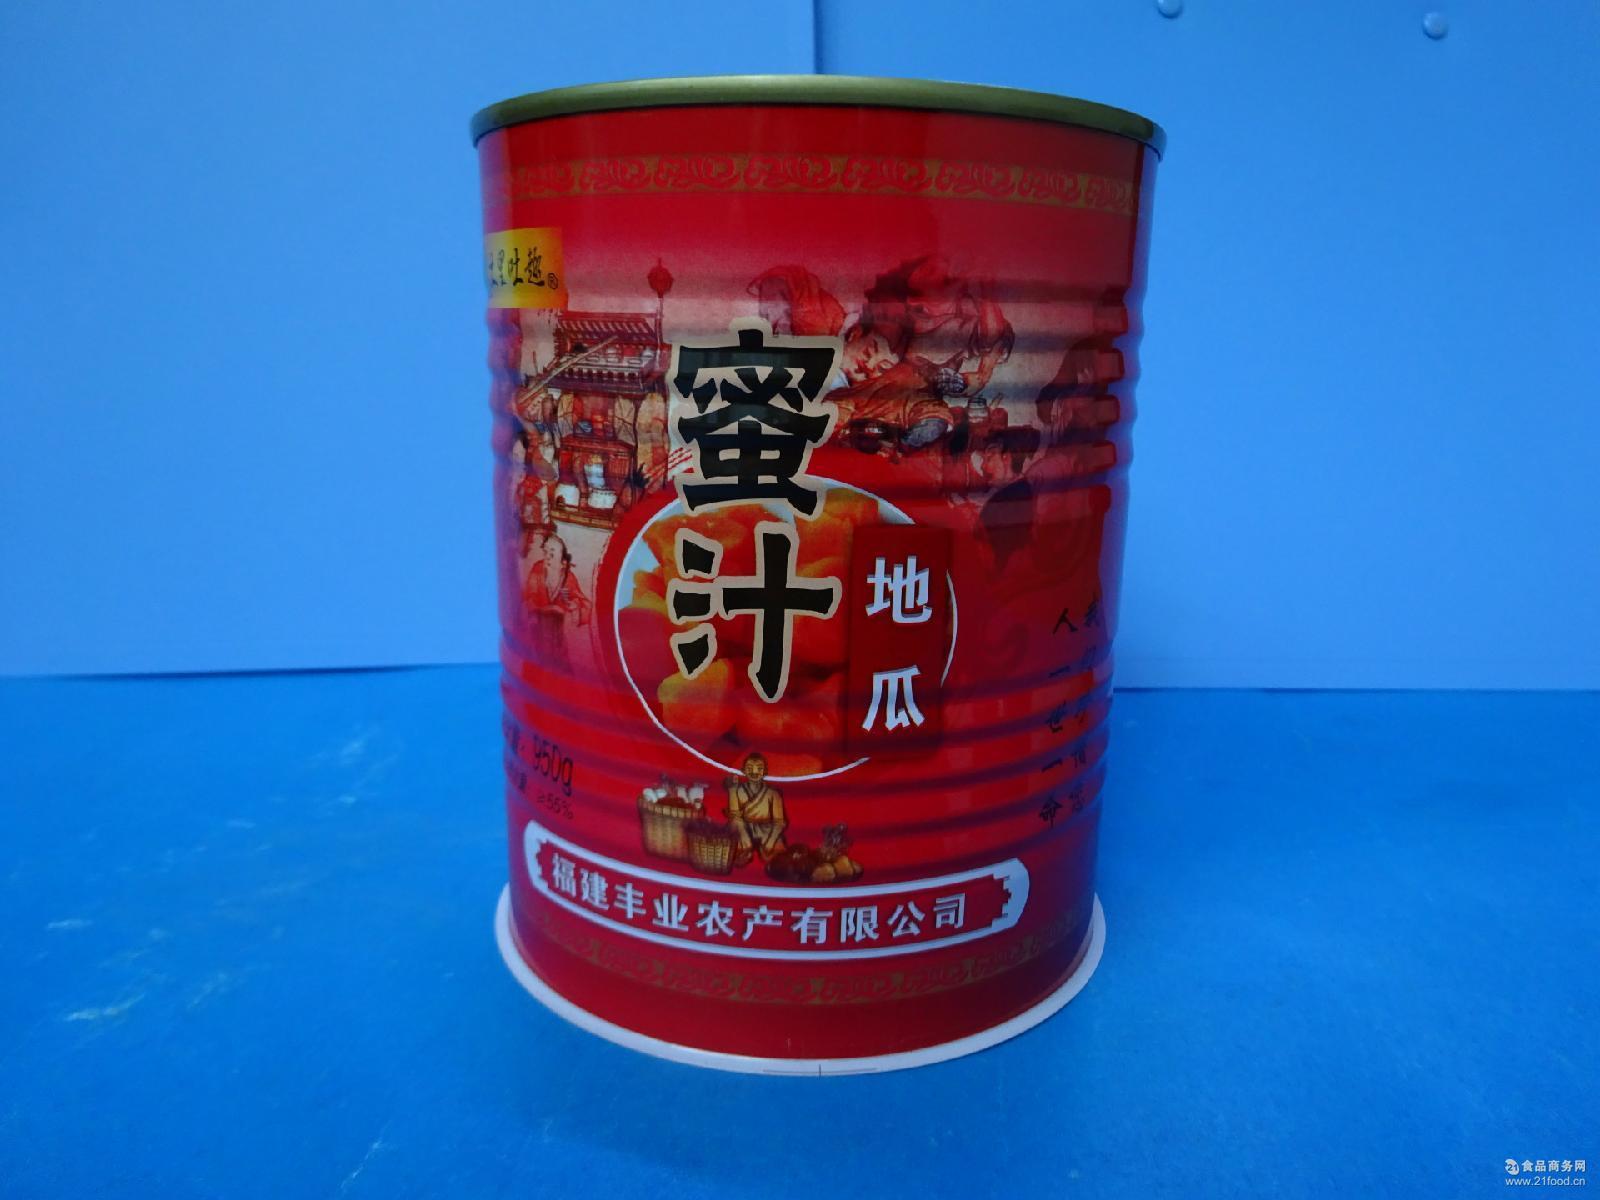 厂家直销 福建甜品罐头 甜品/刨冰冰品伴侣 蜜汁地瓜950g罐头